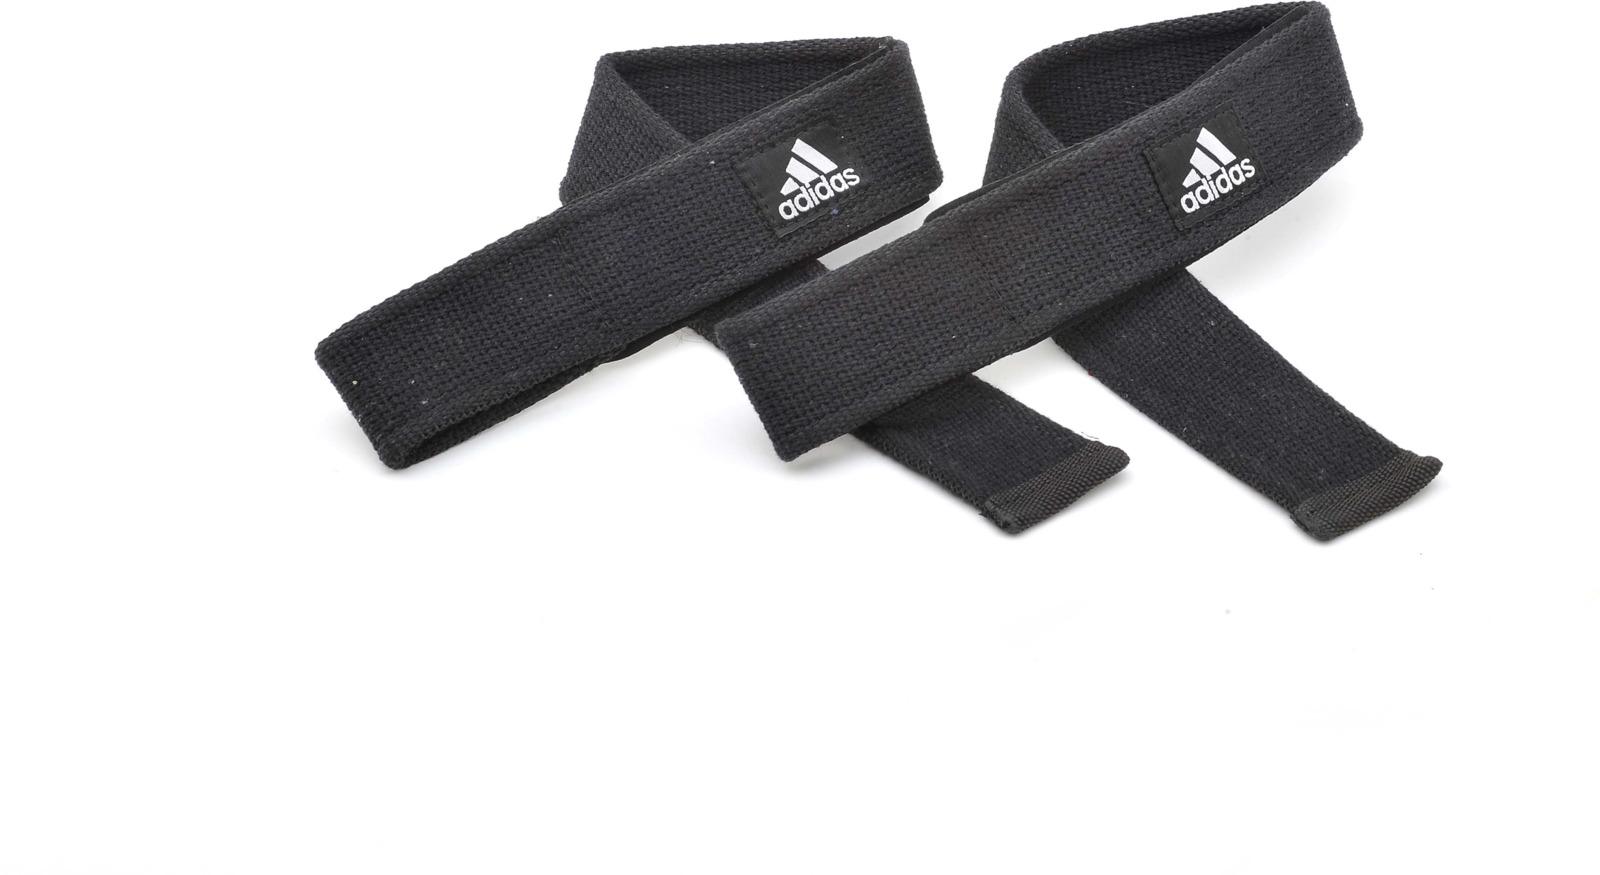 Ремни для тяги предназначены для тренировок с увеличенным весом штанги. Ремни выполнены из сверхпрочного неопрена, предназначенного для усиленных нагрузок. Поставляется в паре.